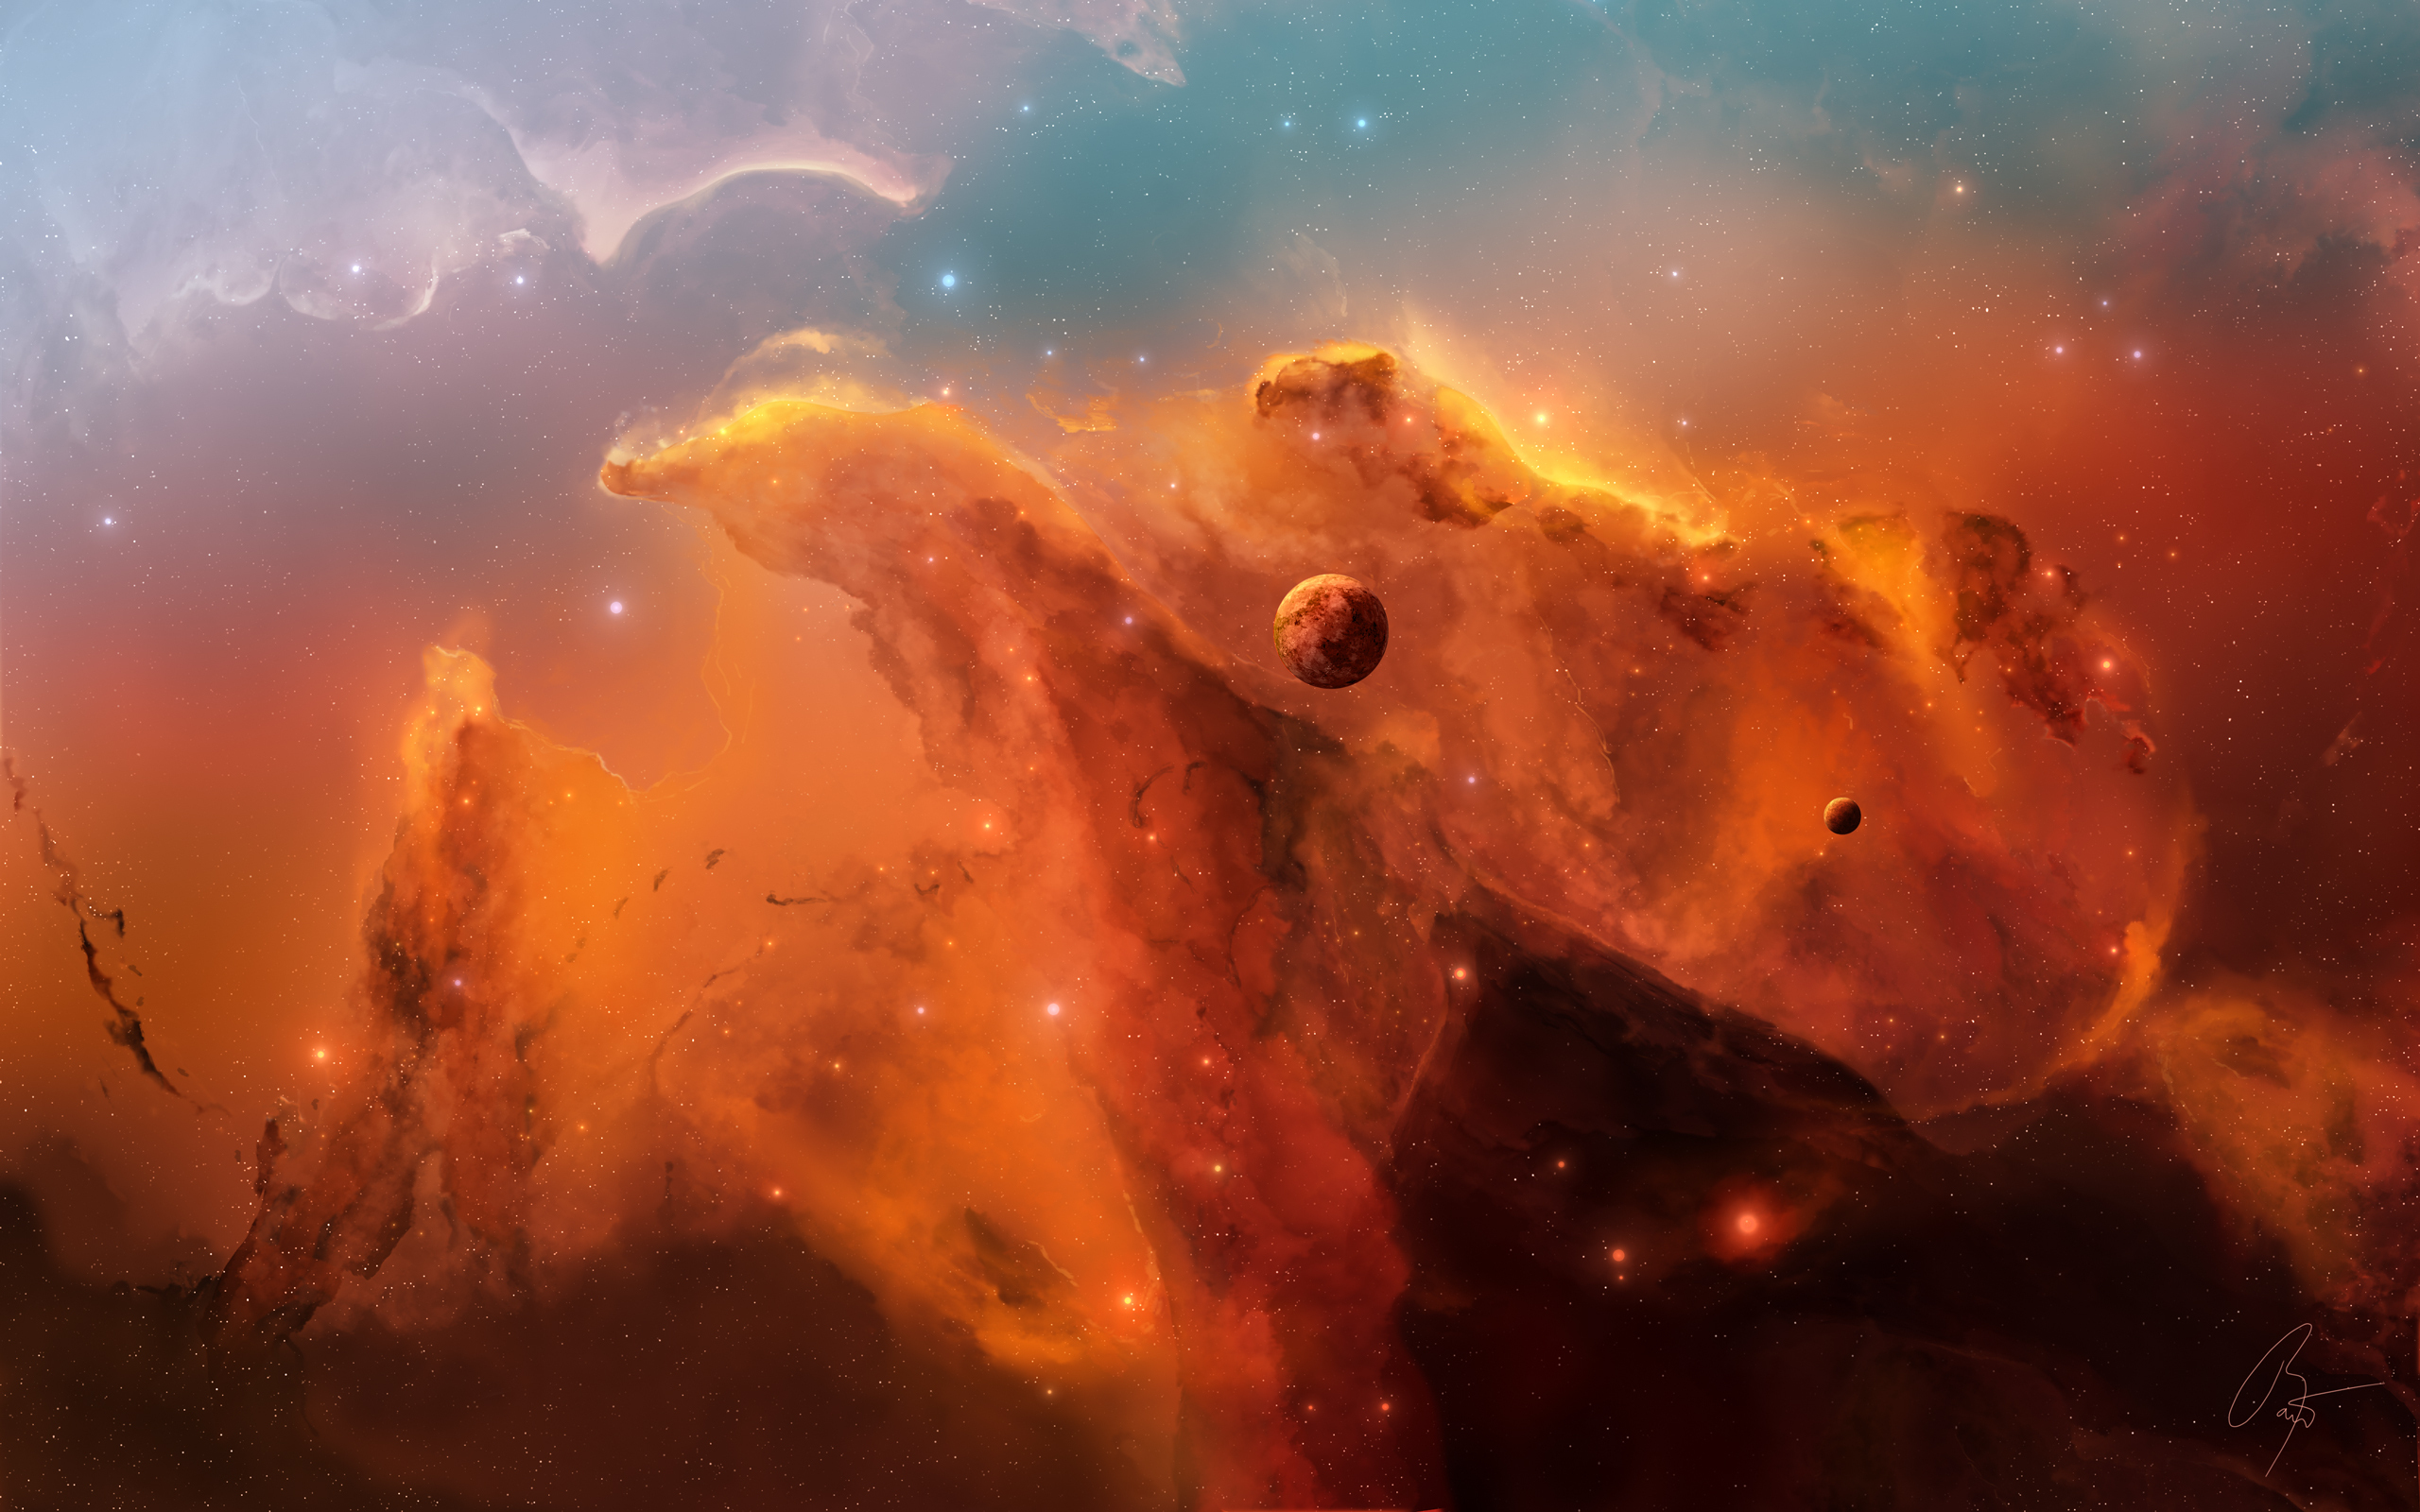 Обои Планета солнце туманность картинки на рабочий стол на тему Космос - скачать бесплатно